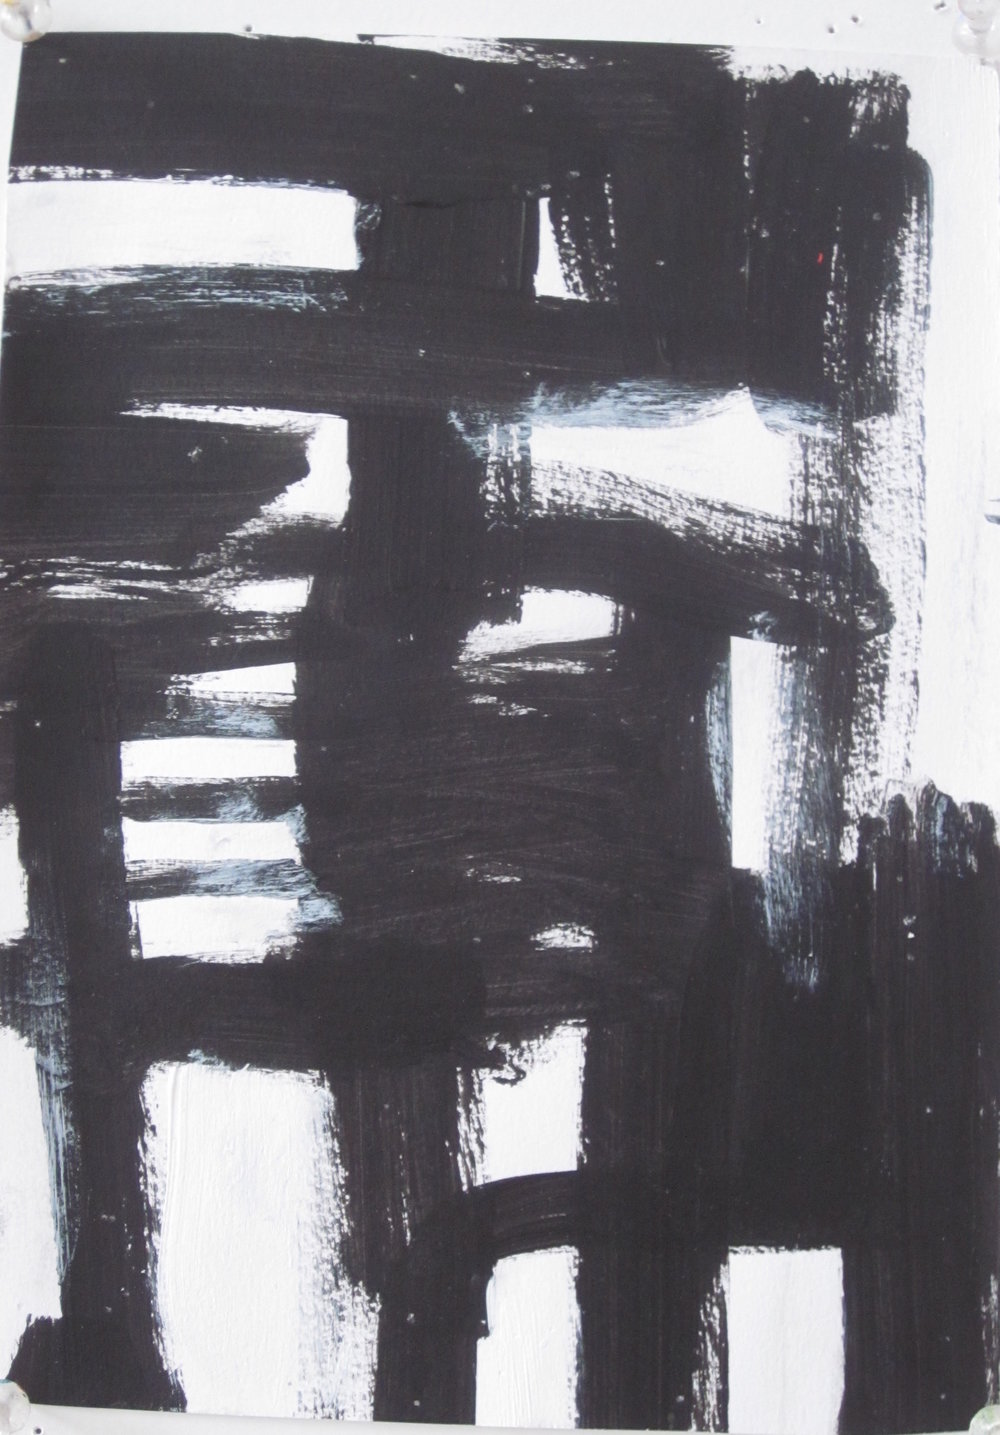 Black & White Study #4